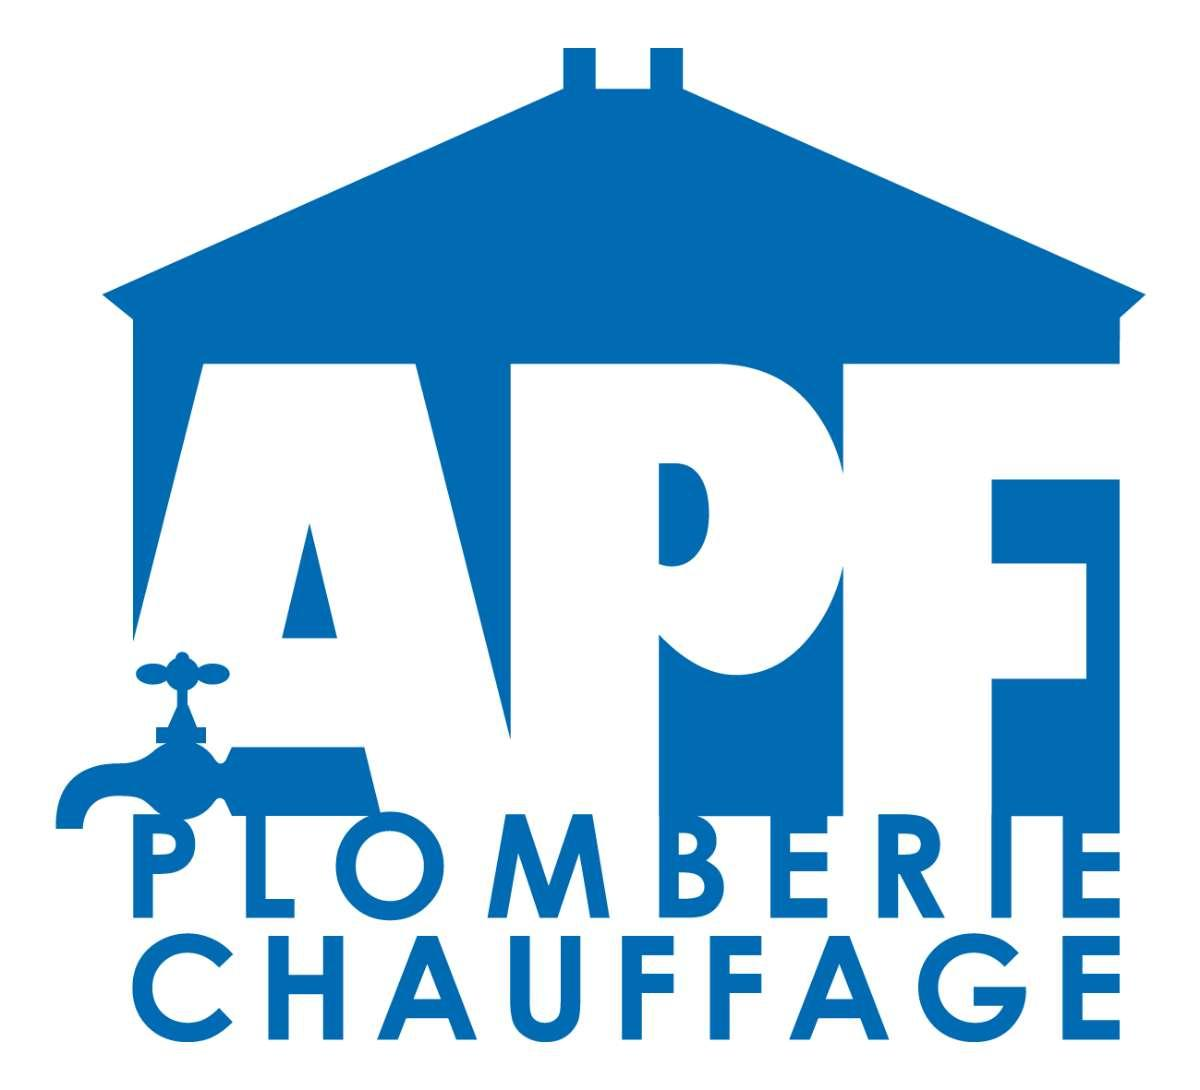 APF - Plombier chauffagiste à Chartres, Eure-et-Loir